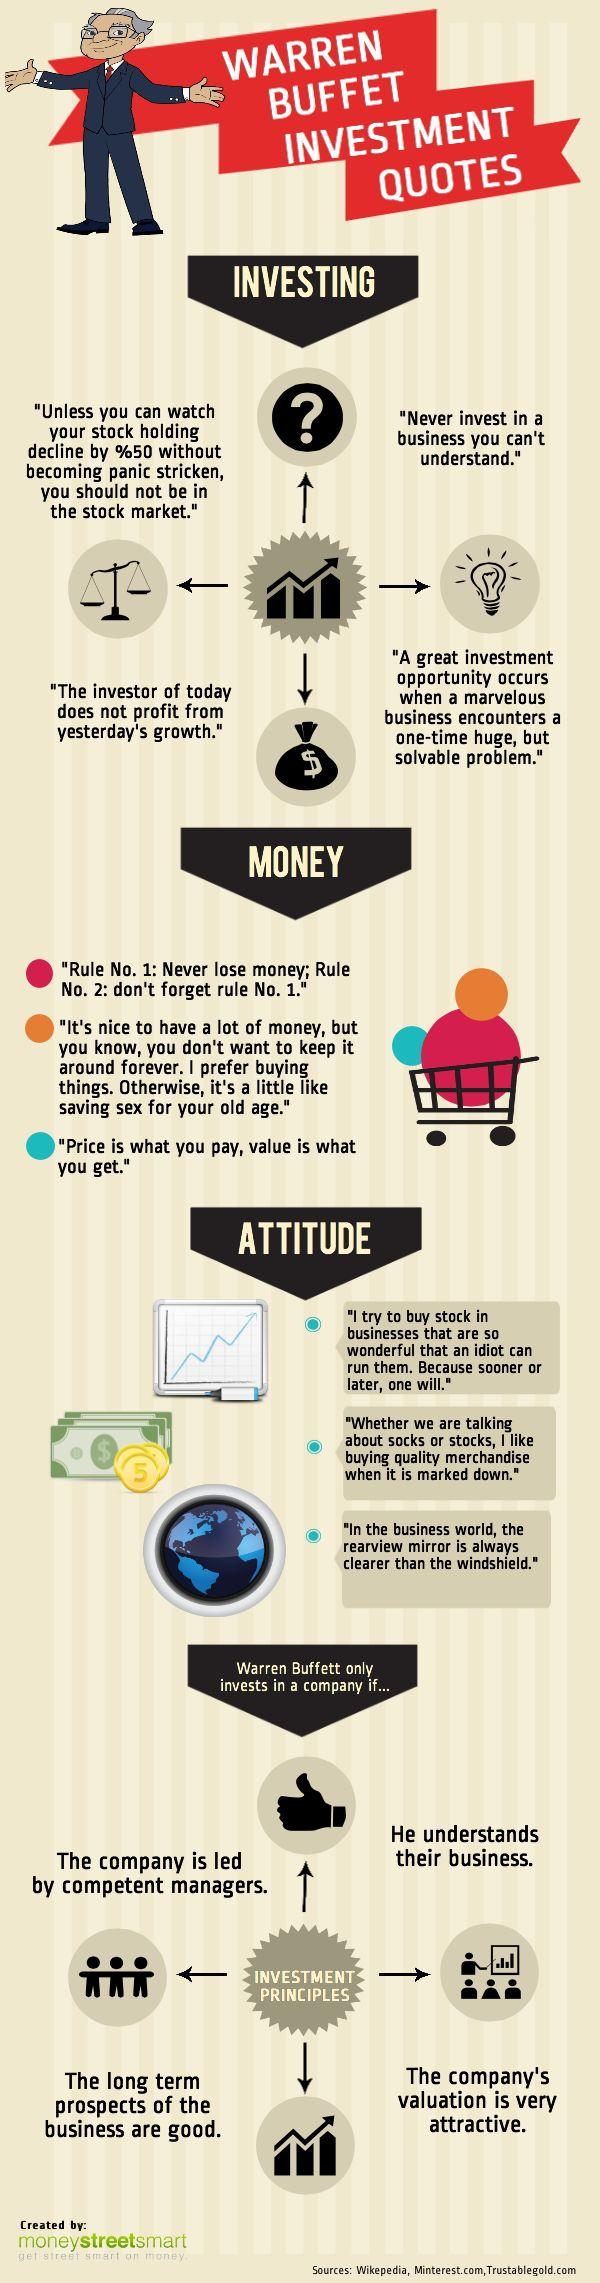 Las 10 mejores frases de Warren Buffet #infografia #infographic #citas #quotes